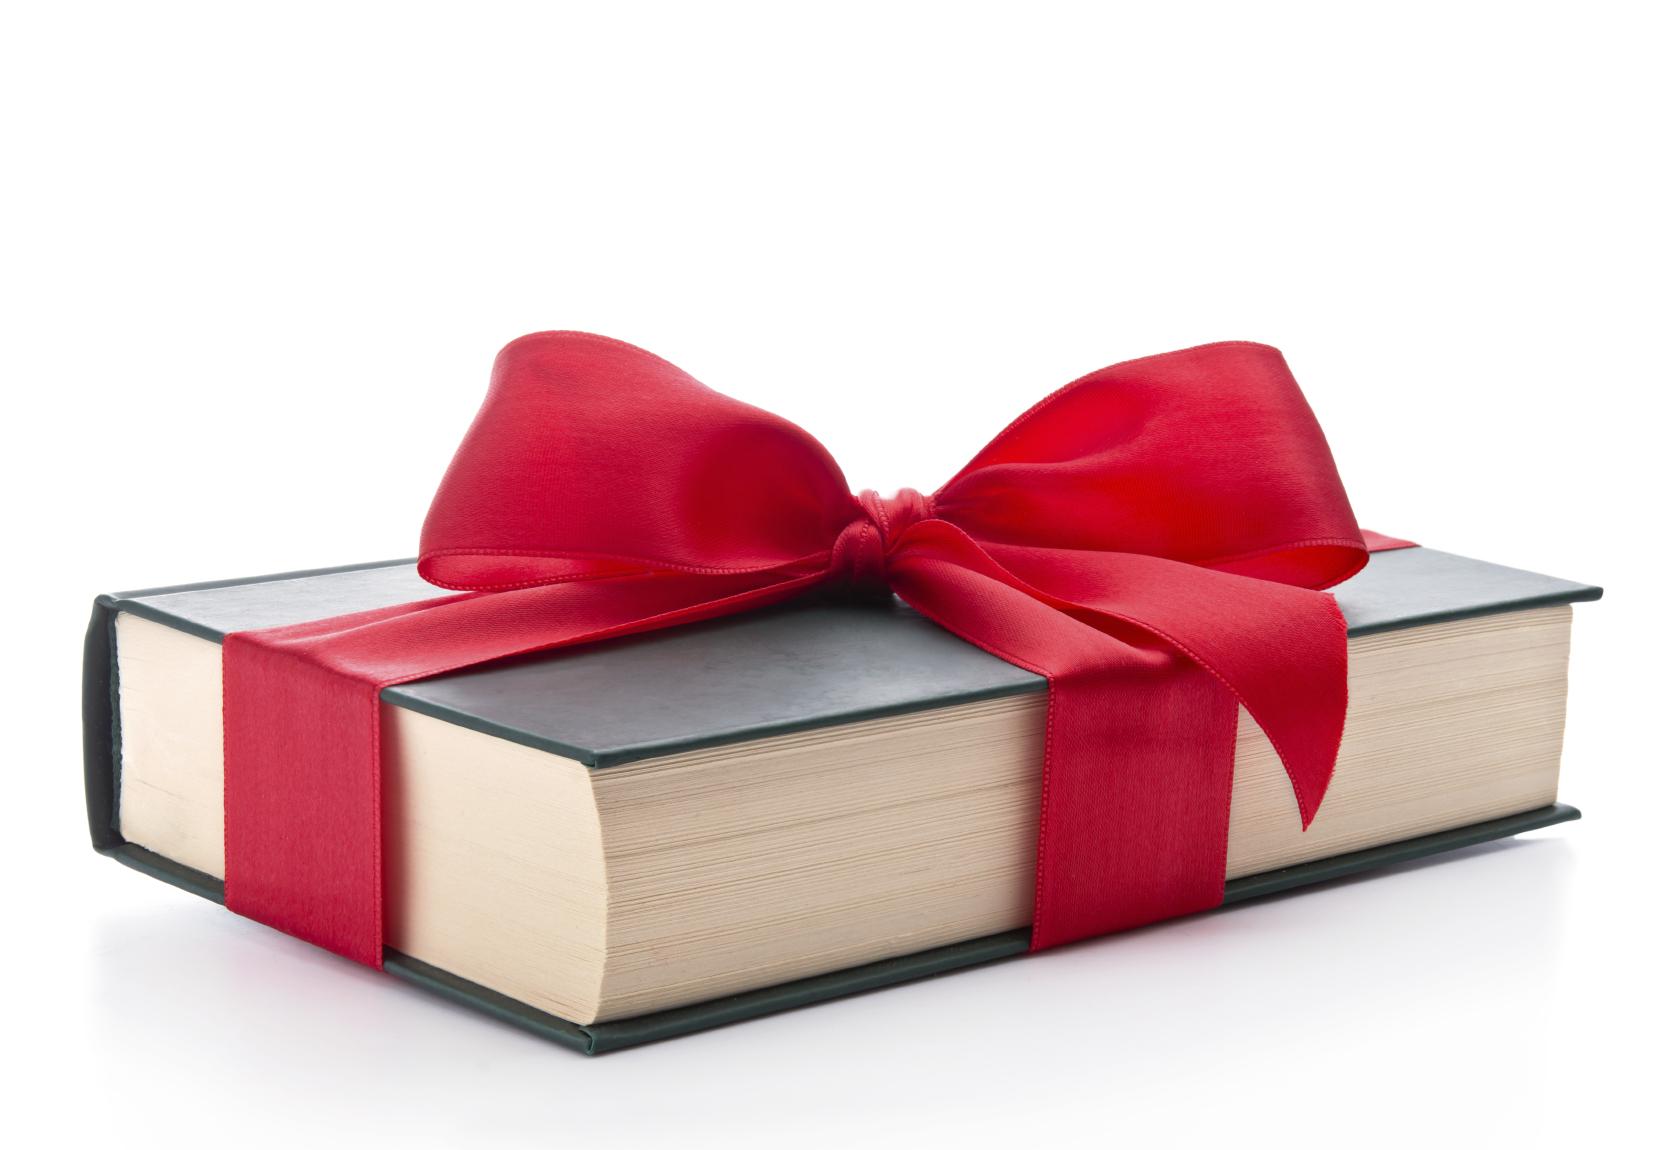 Gu a de compras los mejores libros de fotograf a para - Los mejores libros para regalar ...